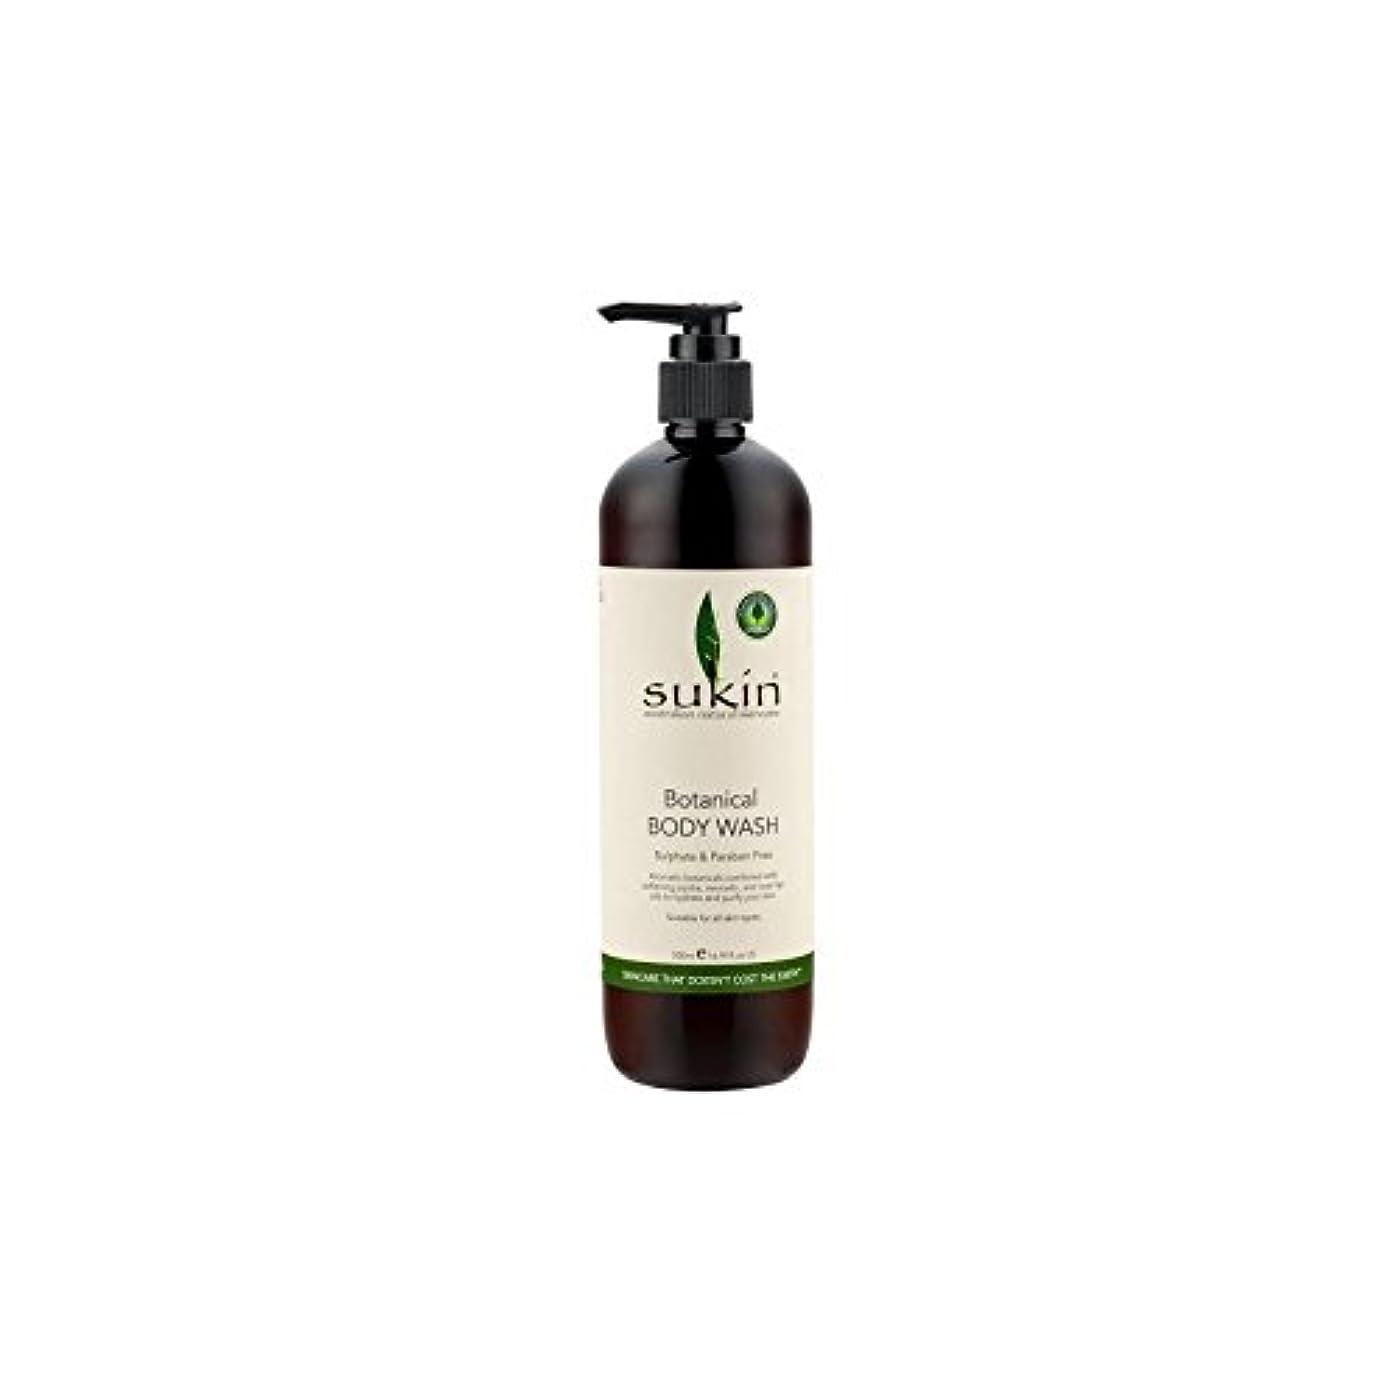 対応する故意に偽善Sukin Botanical Body Wash (500ml) - 植物ボディウォッシュ(500ミリリットル) [並行輸入品]